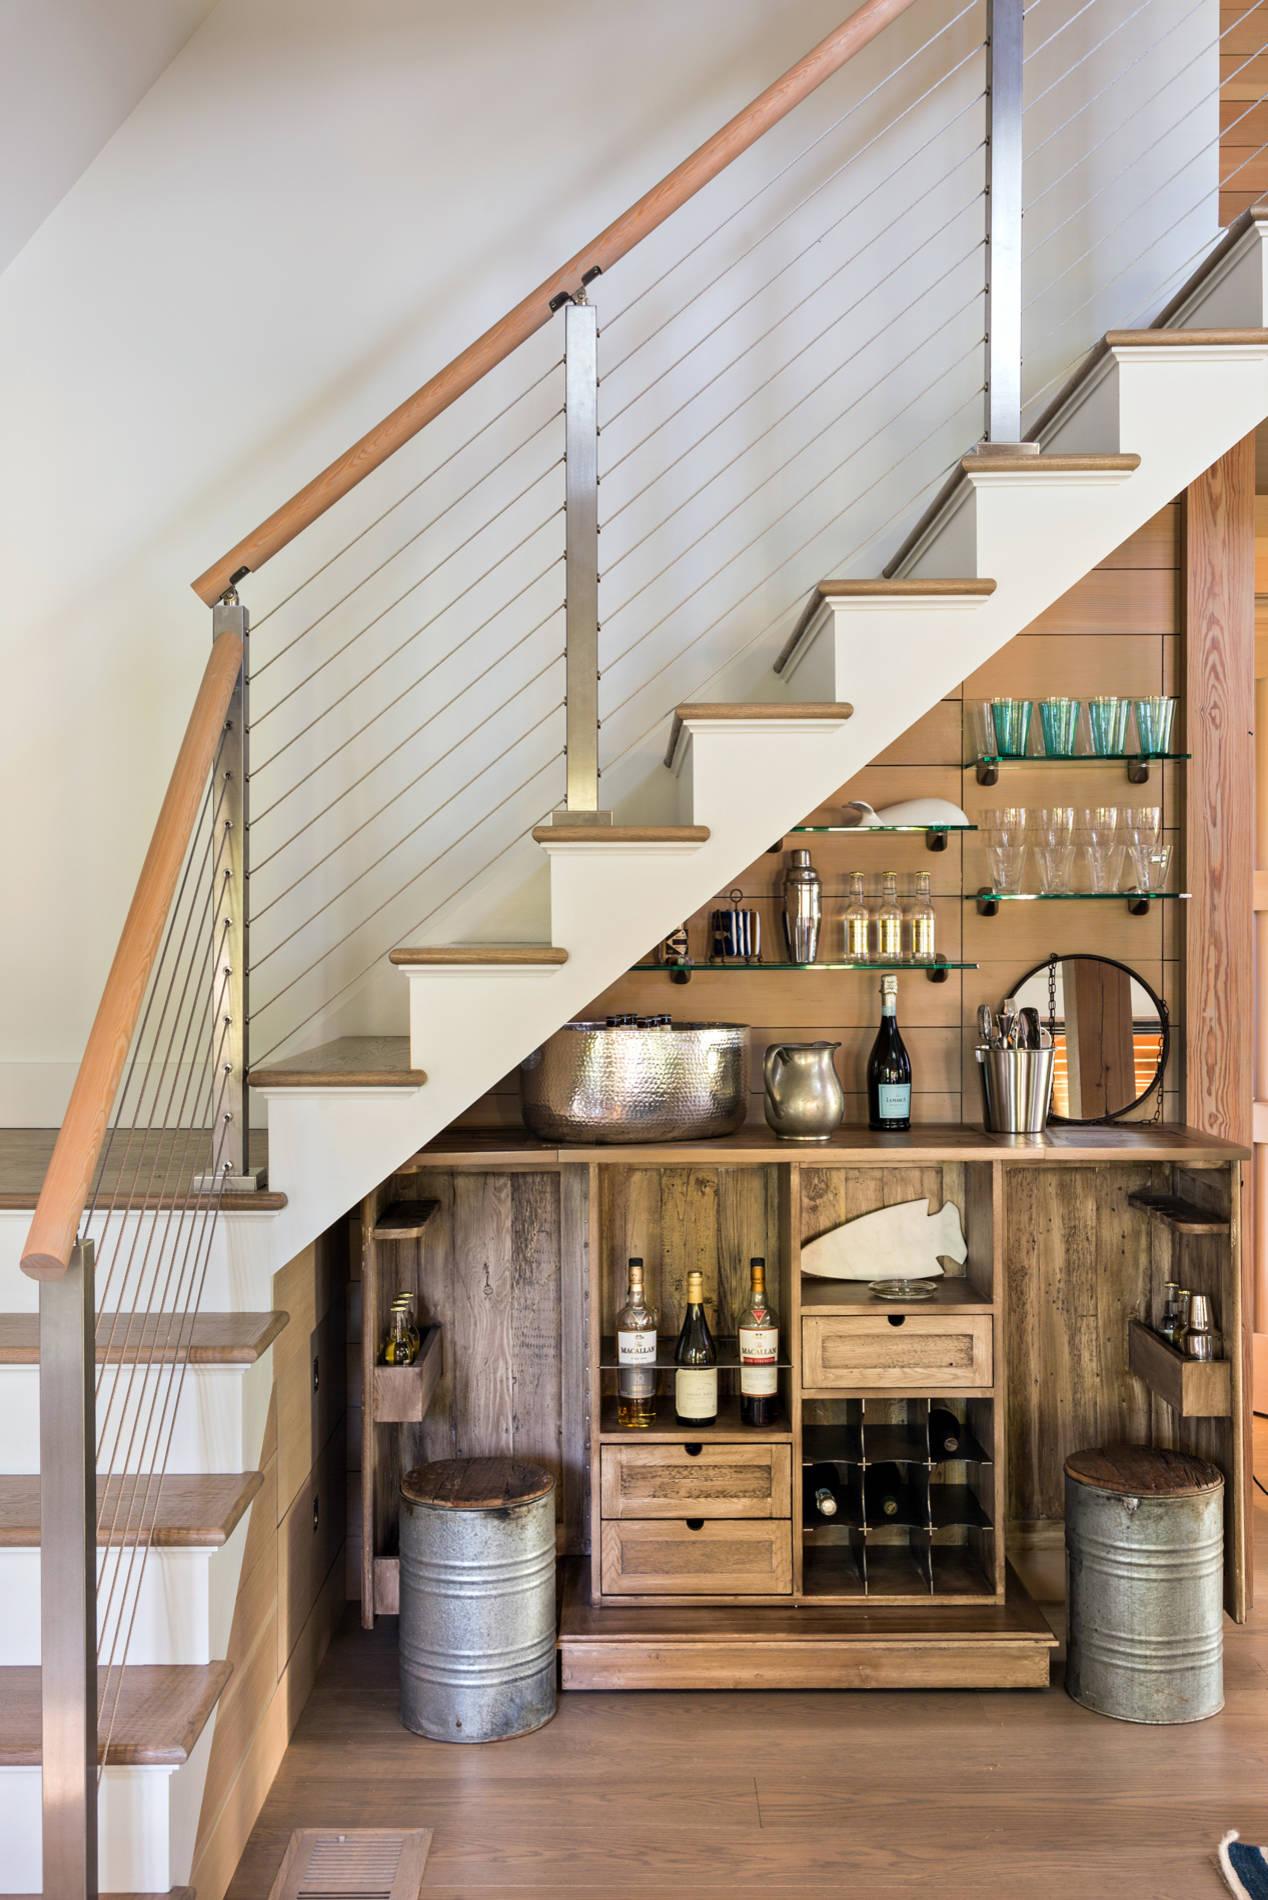 Wine storage under the stairs as an original deisgn insight